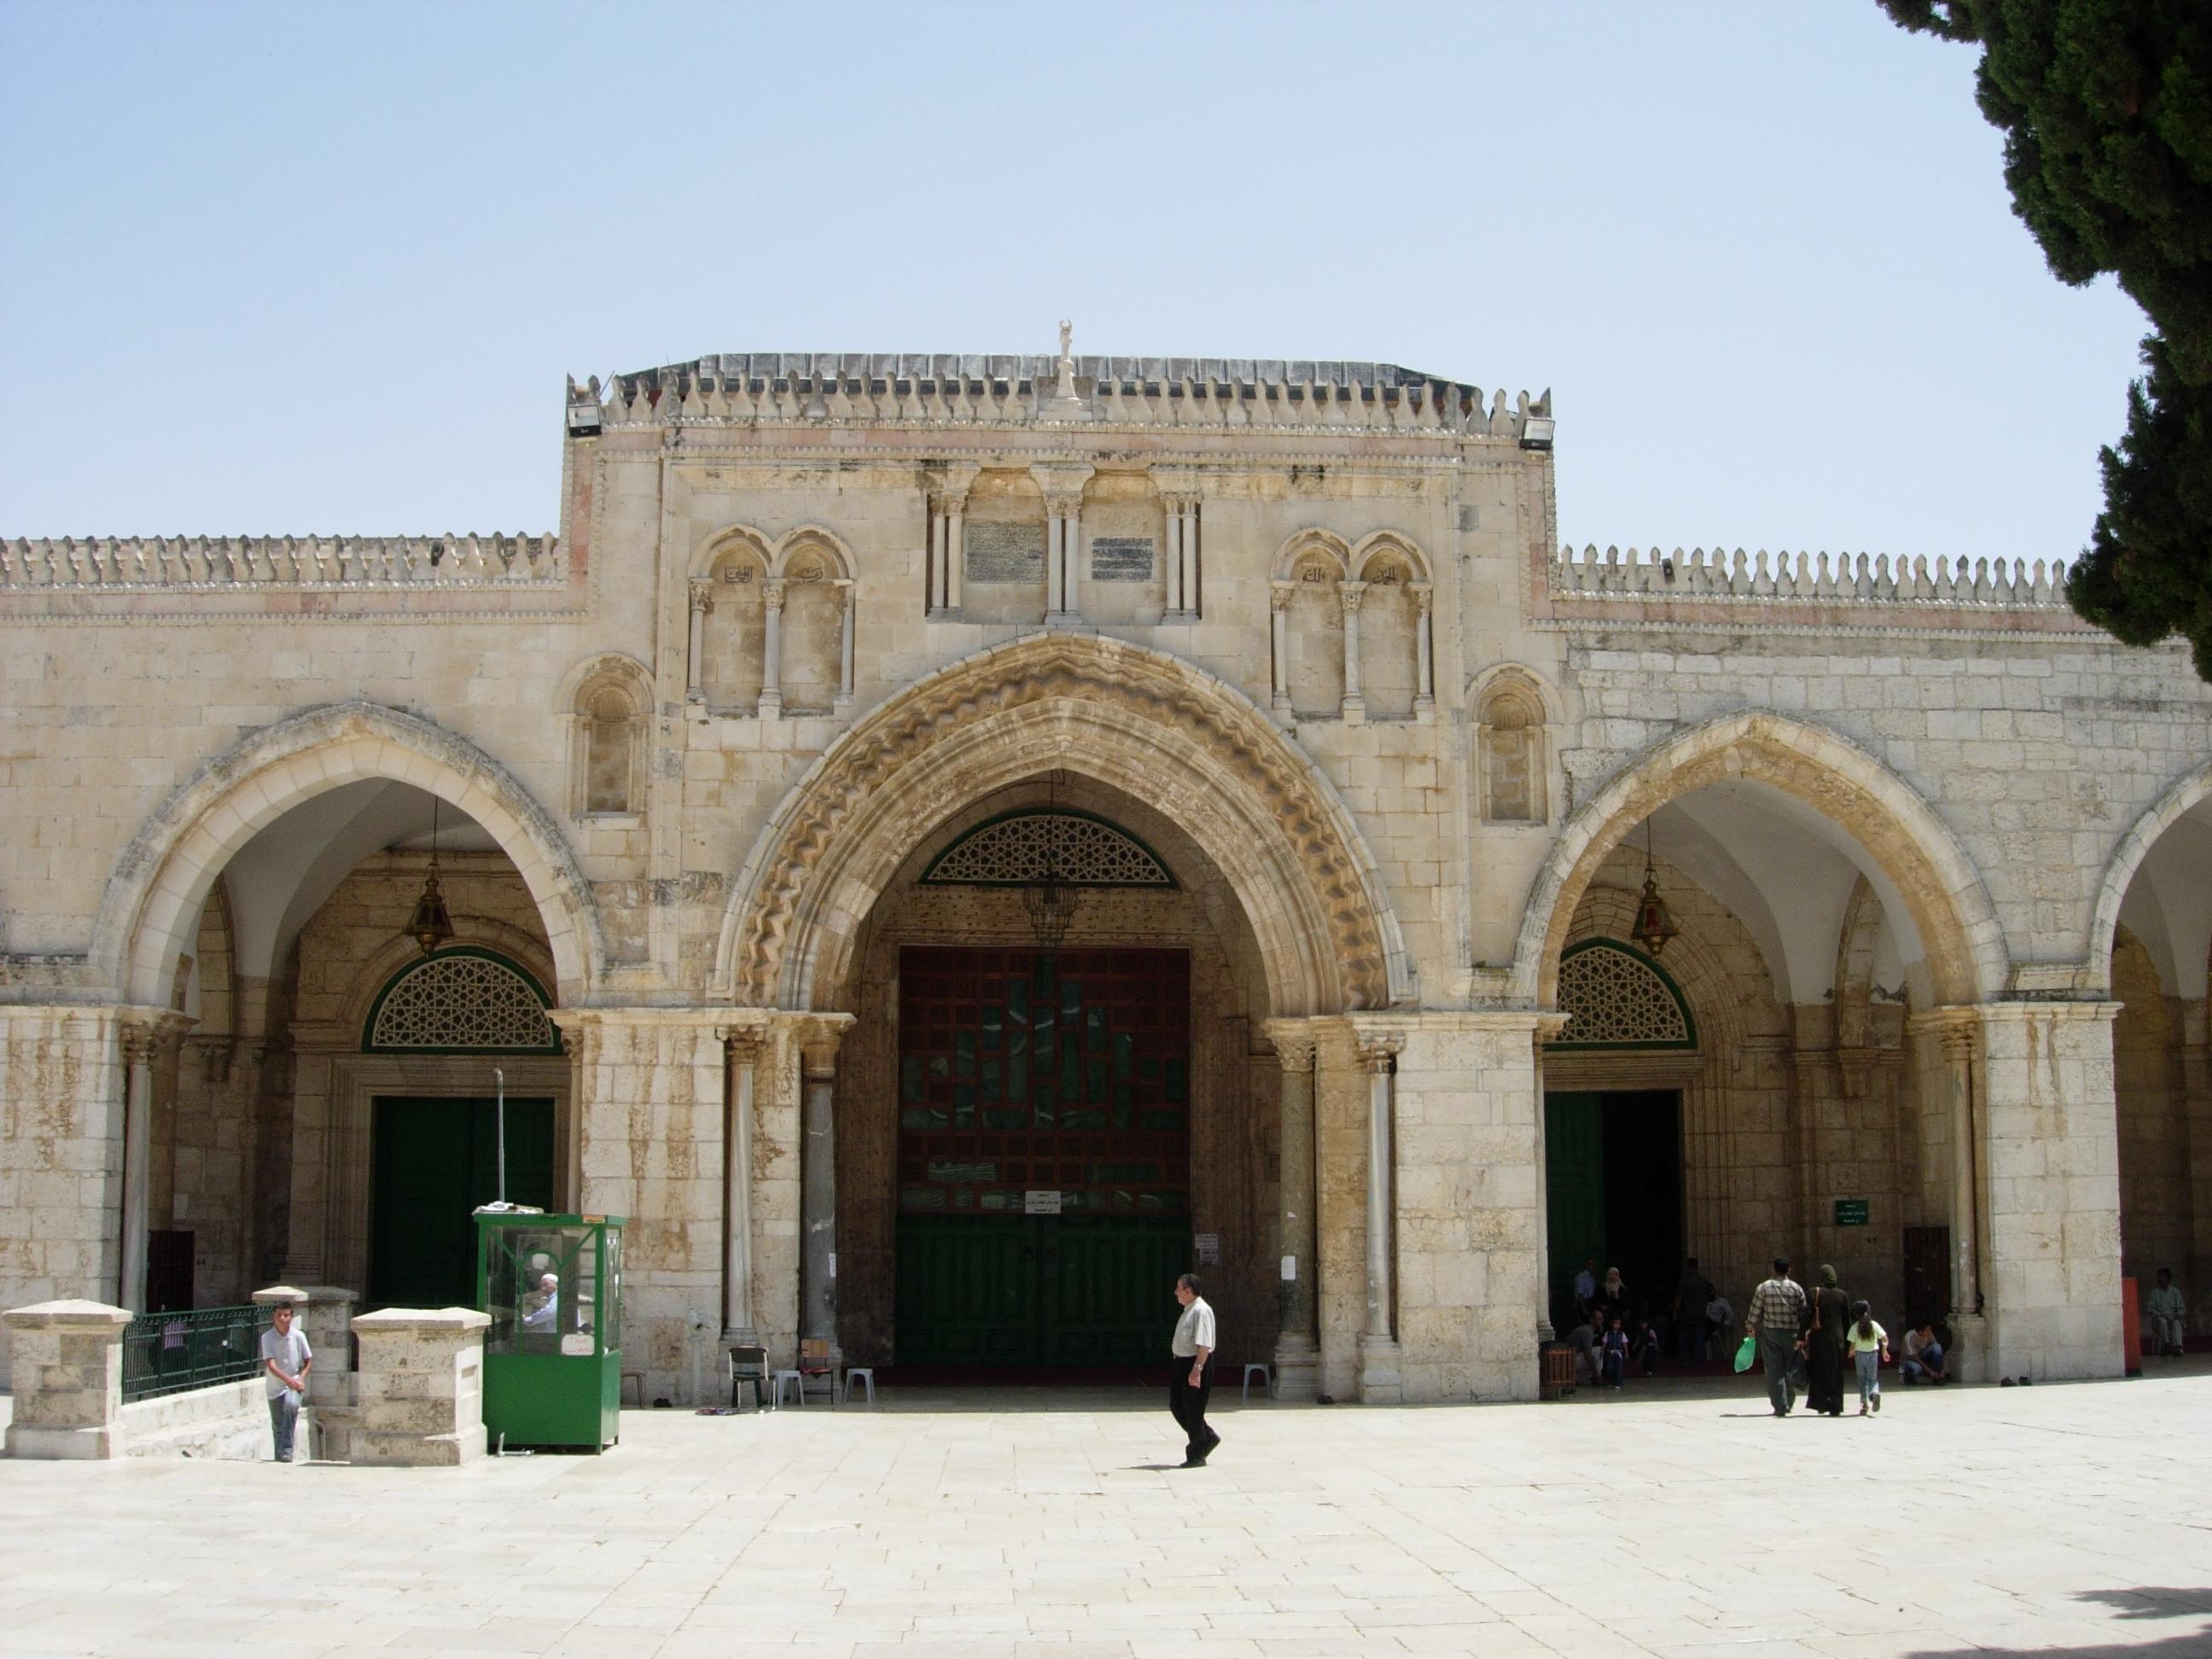 صور المسجد الاقصى - صور المسجد الاقصى من الداخل